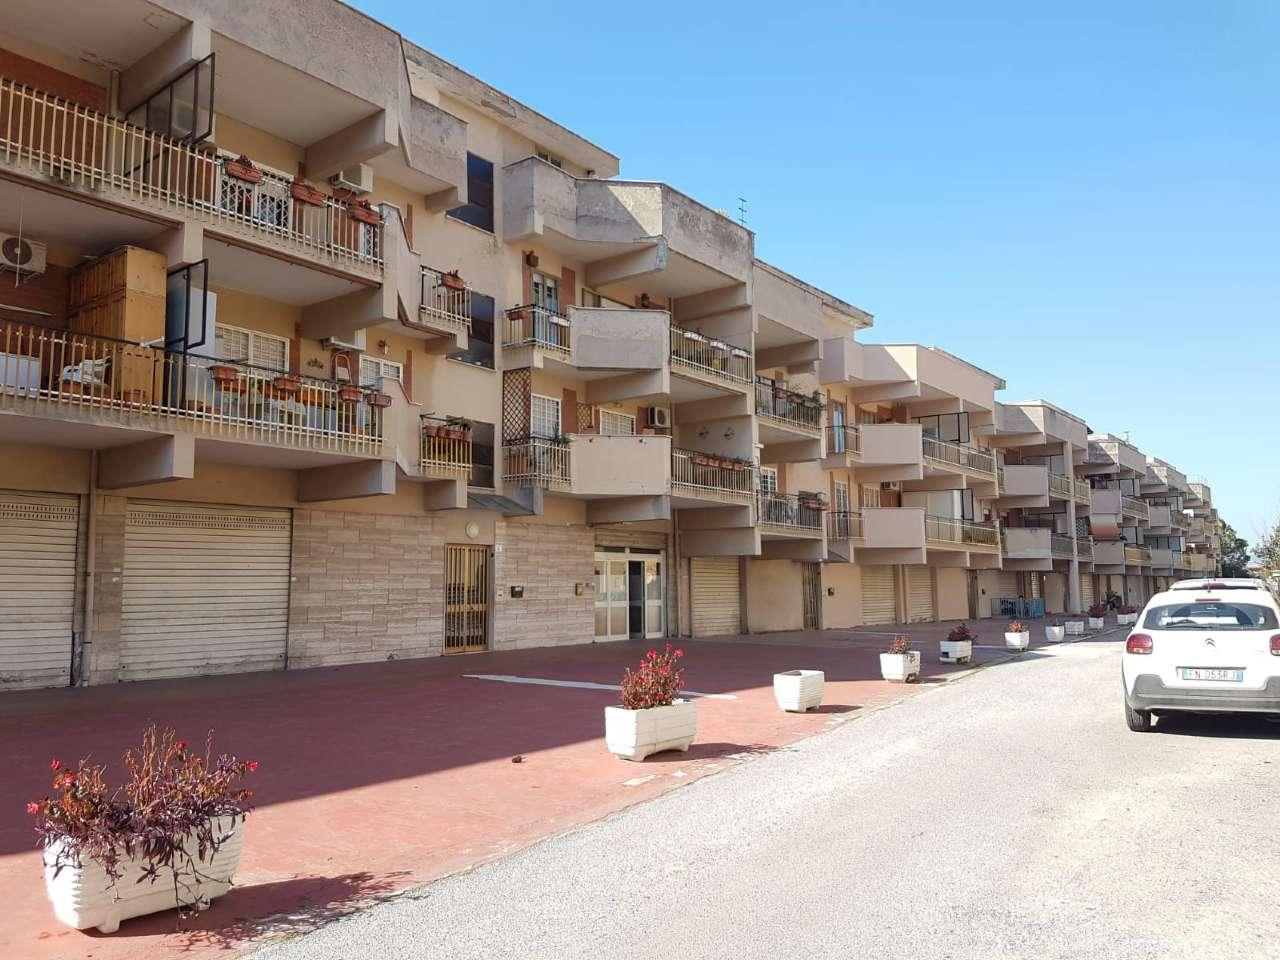 Appartamento in vendita a Tivoli, 3 locali, prezzo € 139.000 | CambioCasa.it